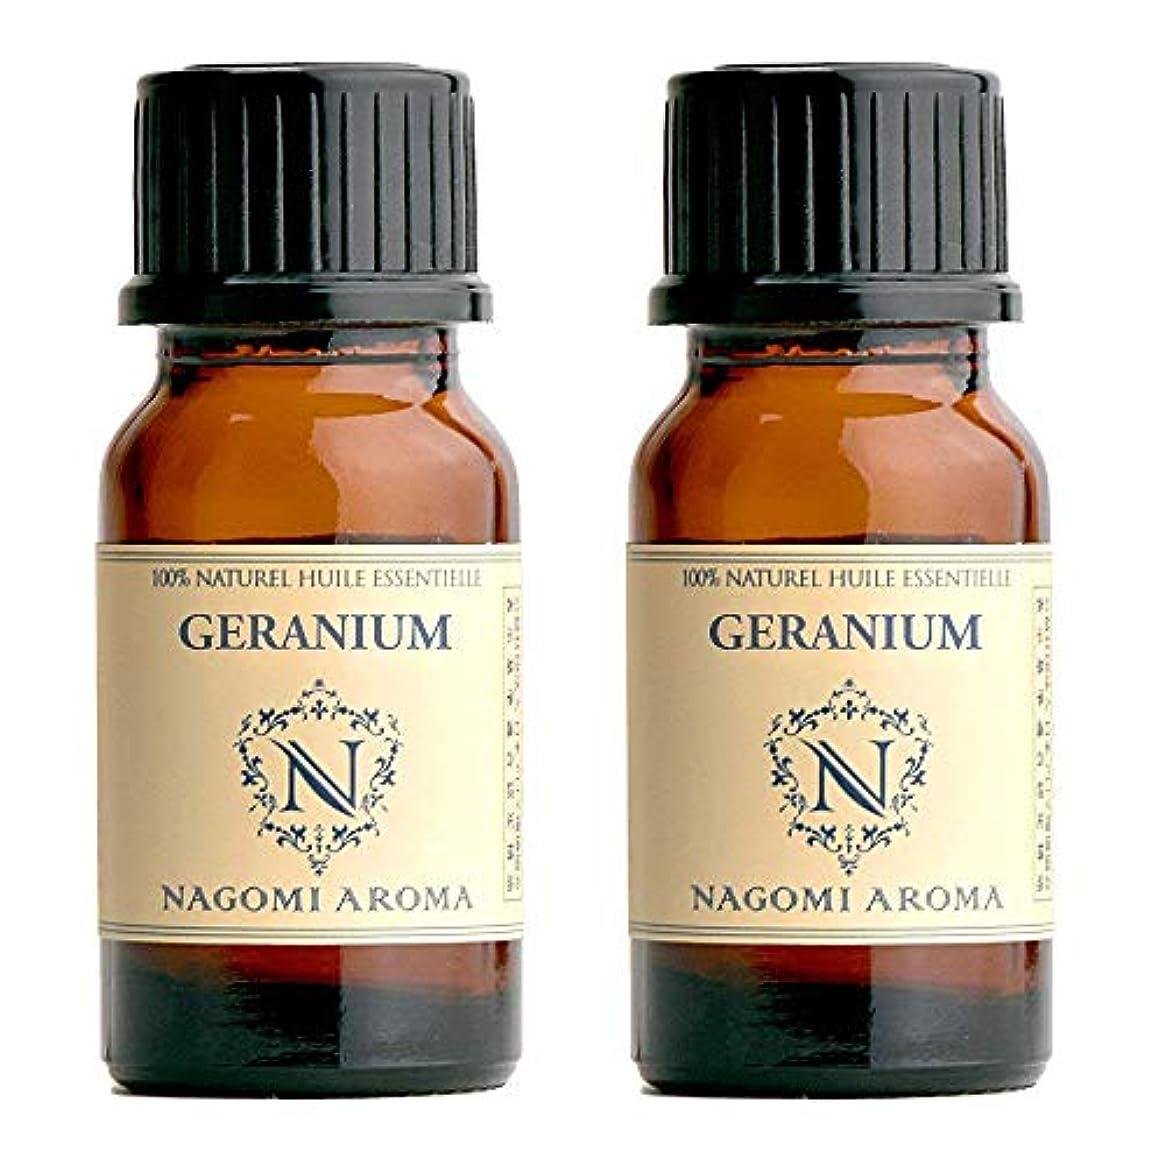 合法市場融合NAGOMI AROMA ゼラニウム 10ml 【AEAJ認定精油】【アロマオイル】 2個セット